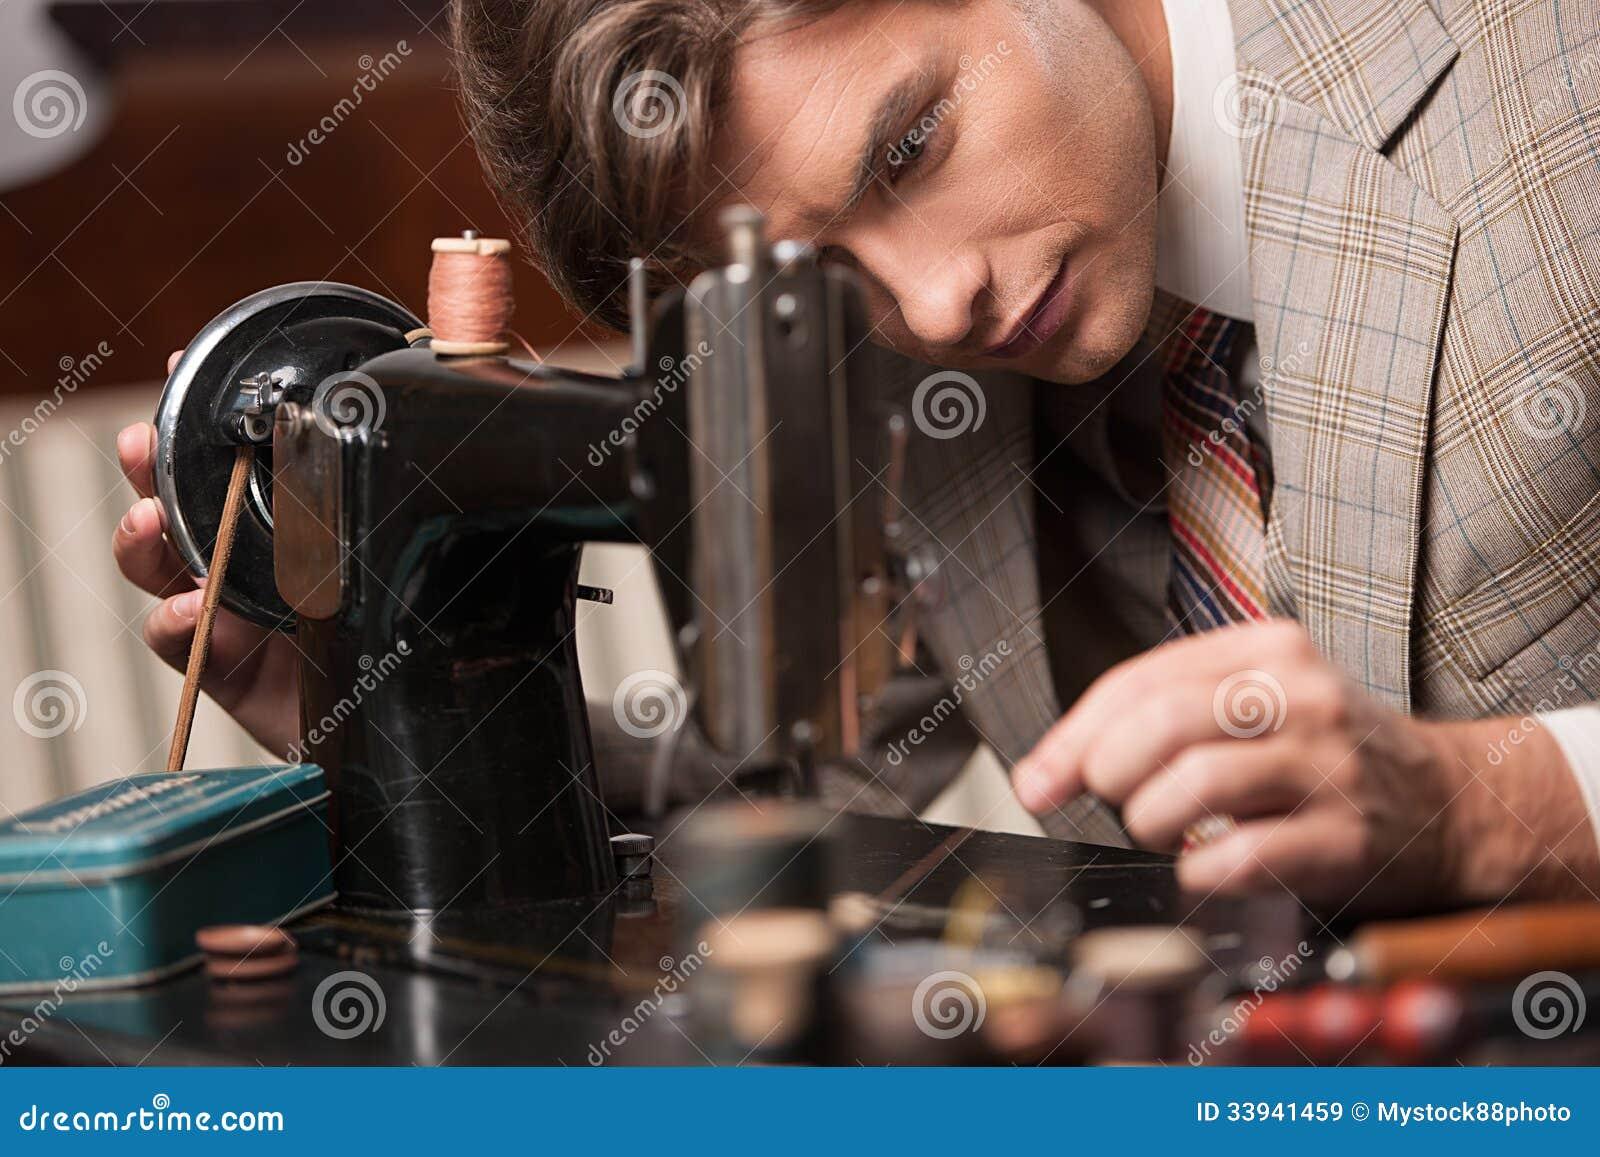 裁缝在工作.